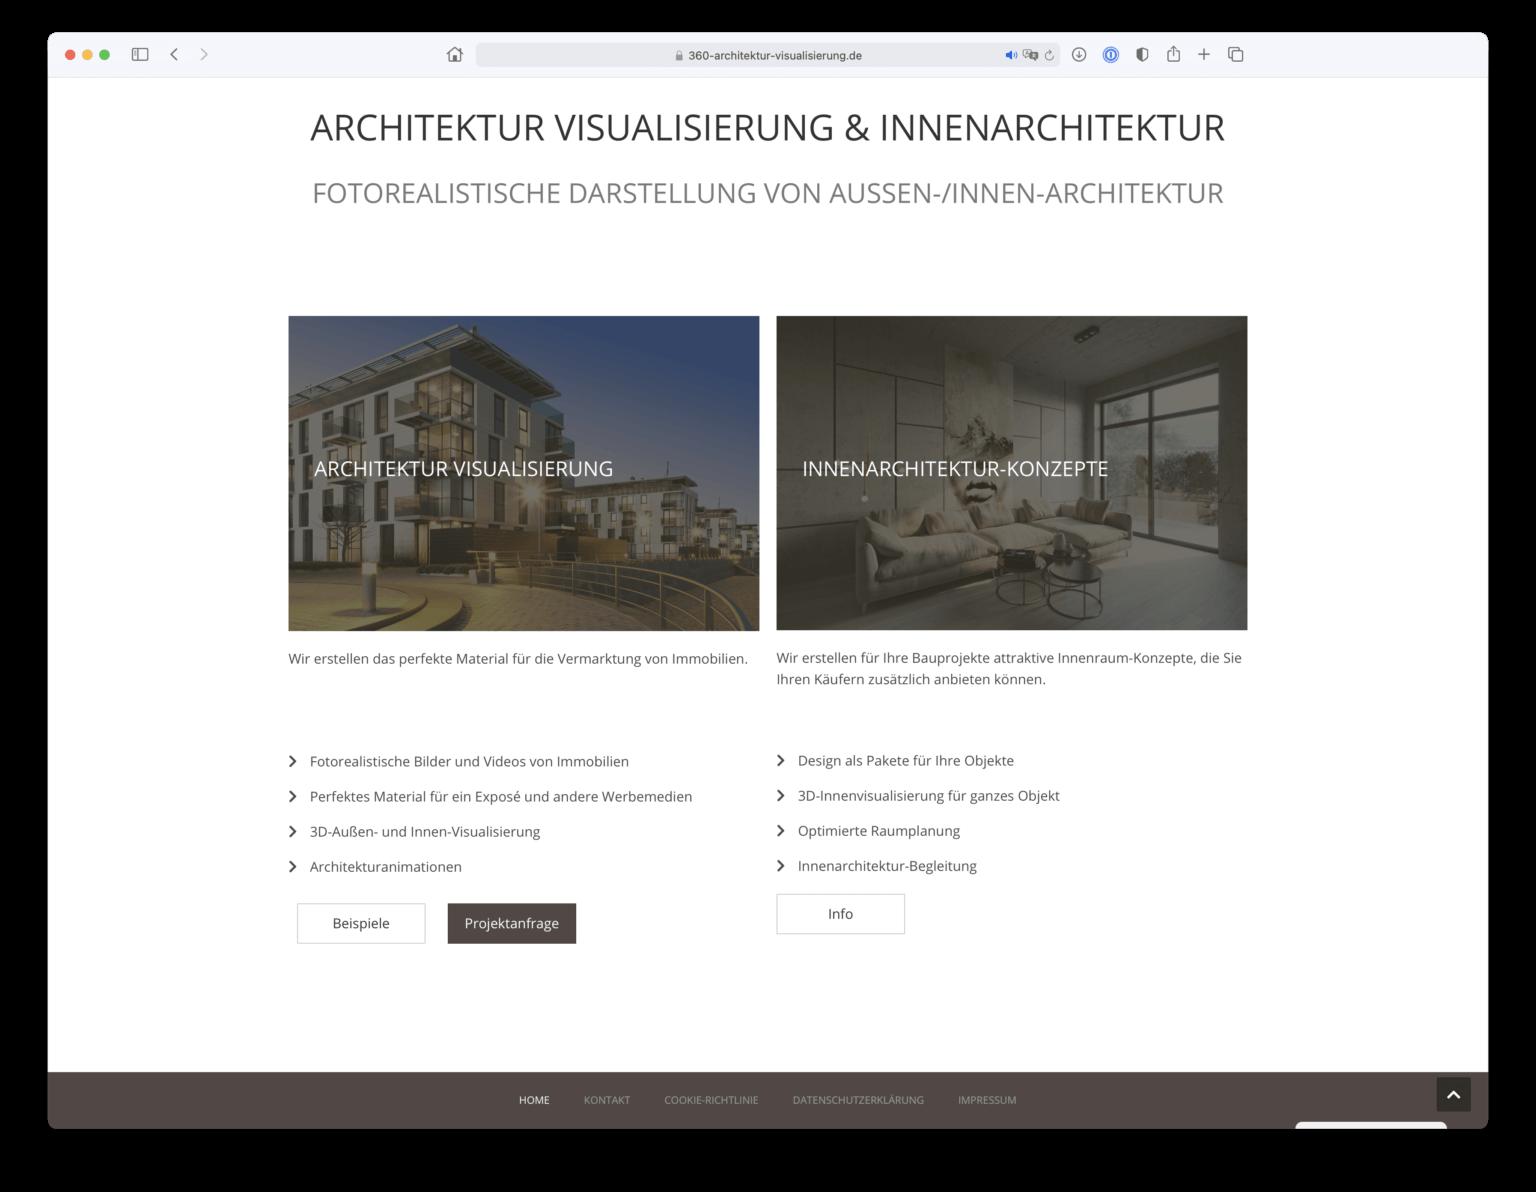 Webdesign einer Unterseite im Bereich Architekturvisualisierung